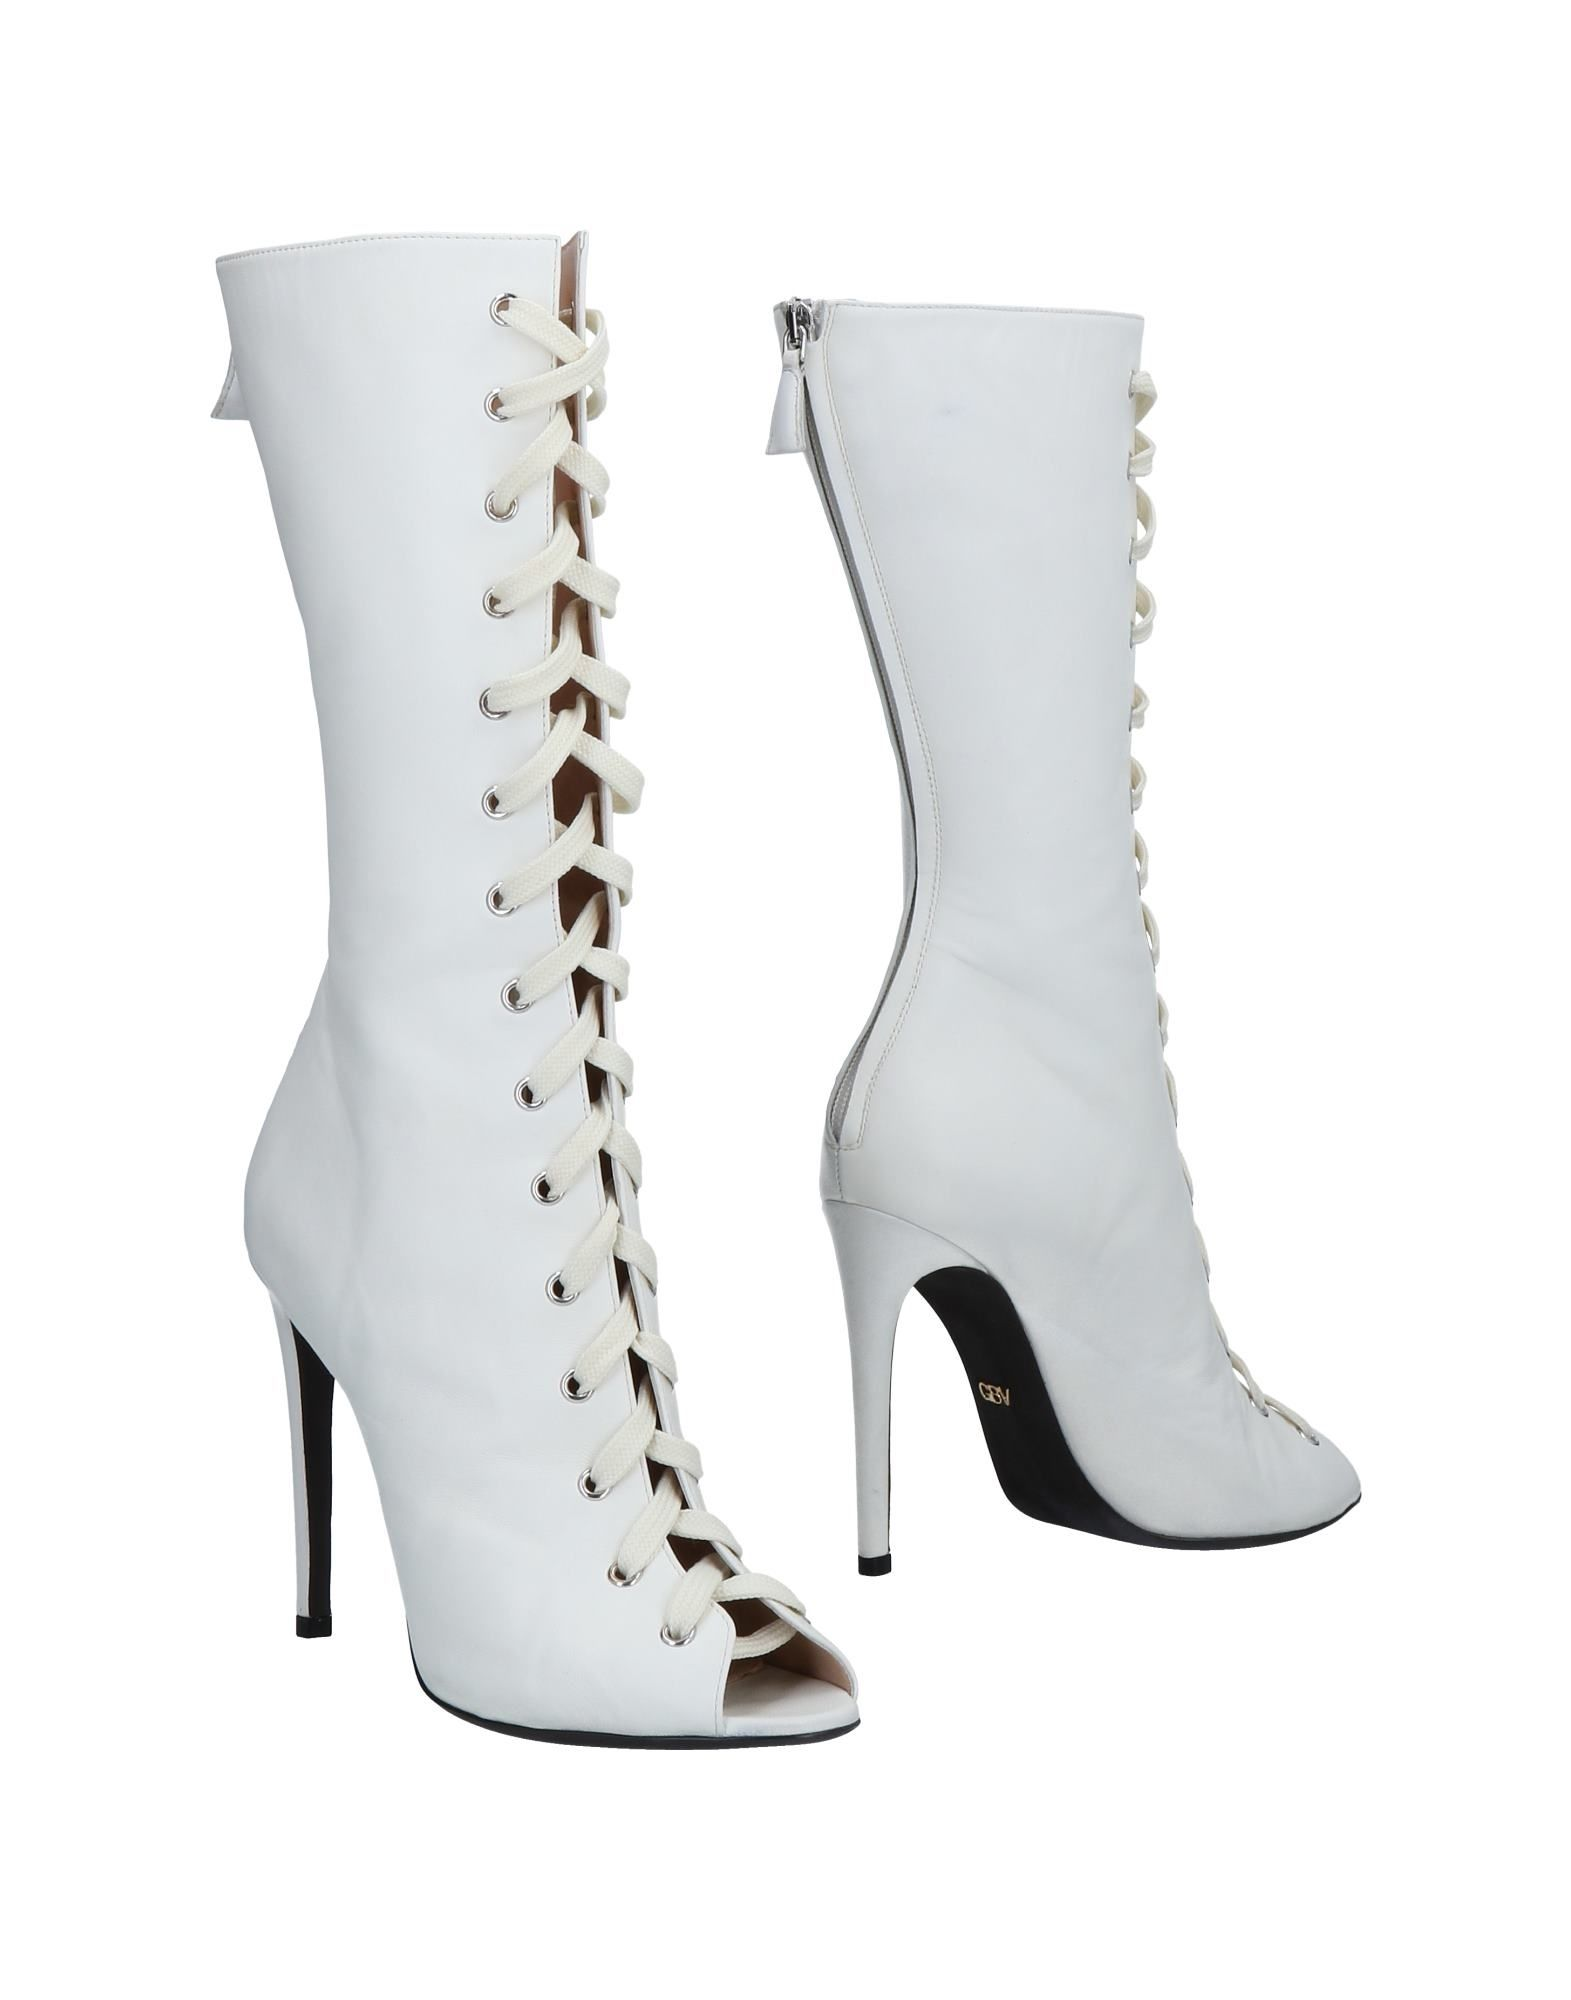 Giambattista Valli Stiefel Damen  11489460WG Beliebte Schuhe